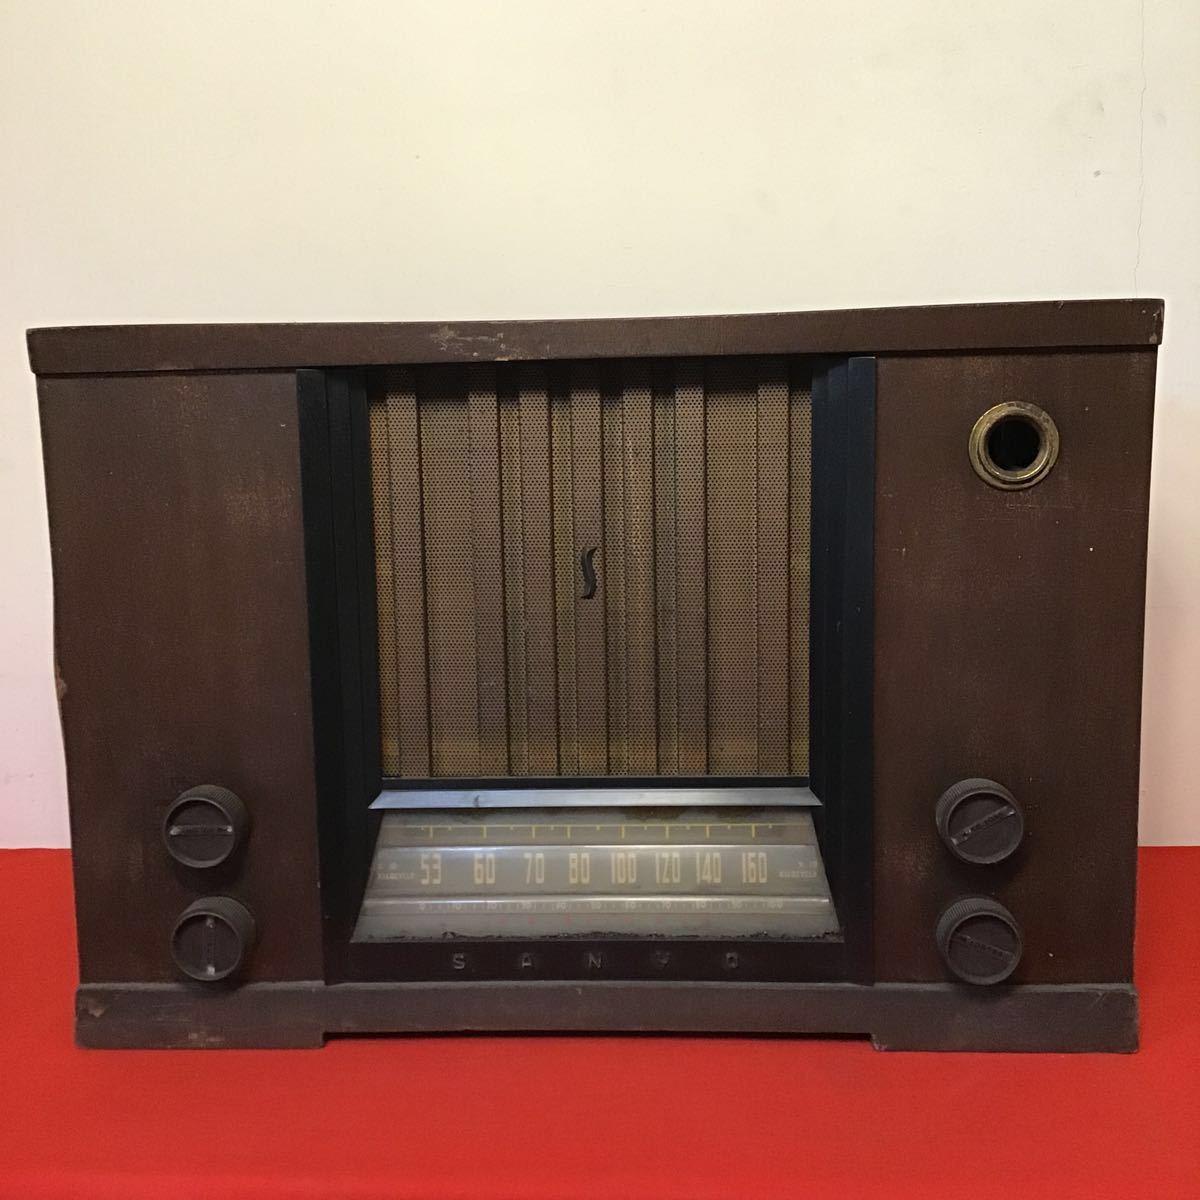 サンヨーラジオ 真空管ラジオ SS-702型 三洋電機株式会社 製品番号1635 ラジオ 当時の品 昭和レトロ レトロ ジャンク 真空管無し